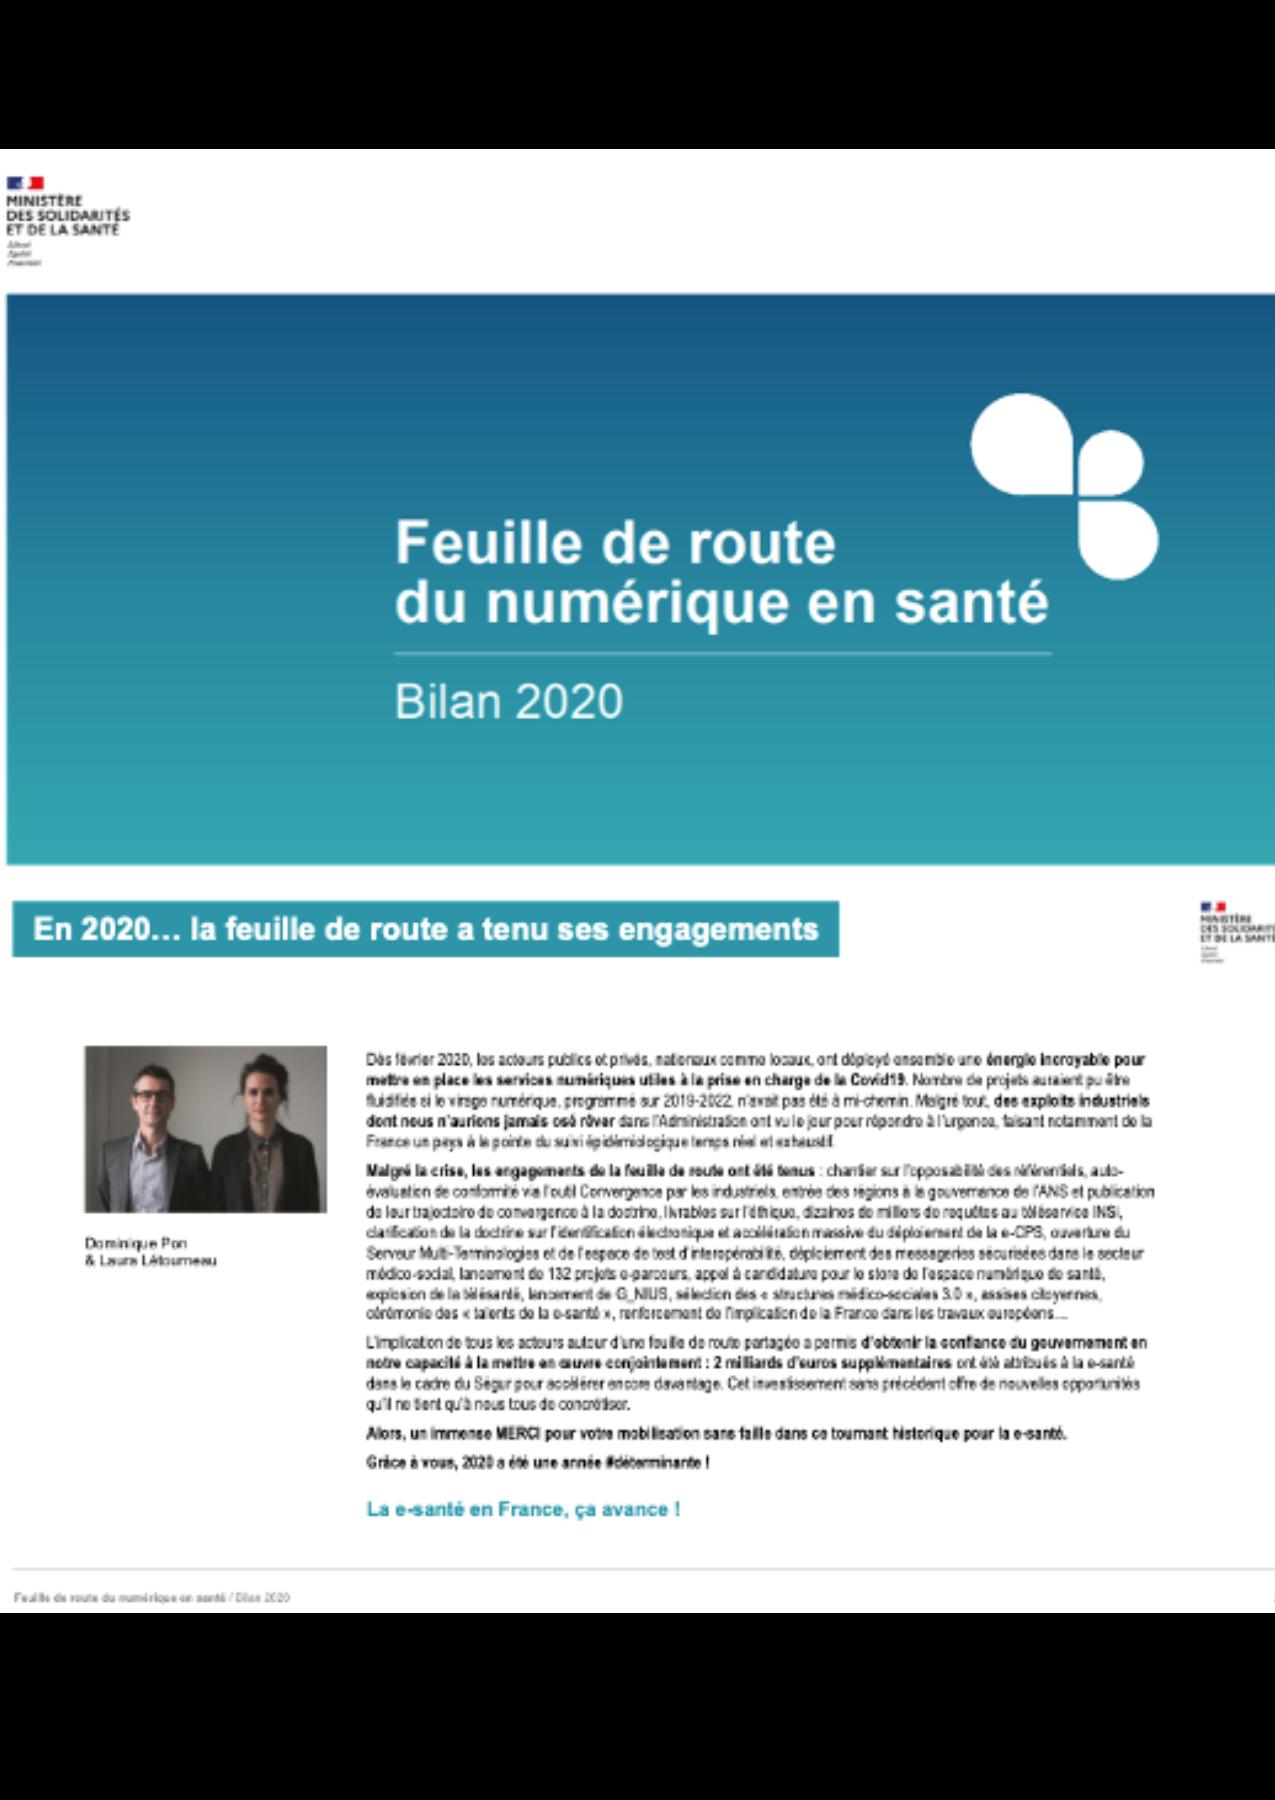 Feuille de Route du Numérique en Santé: Bilan 2020